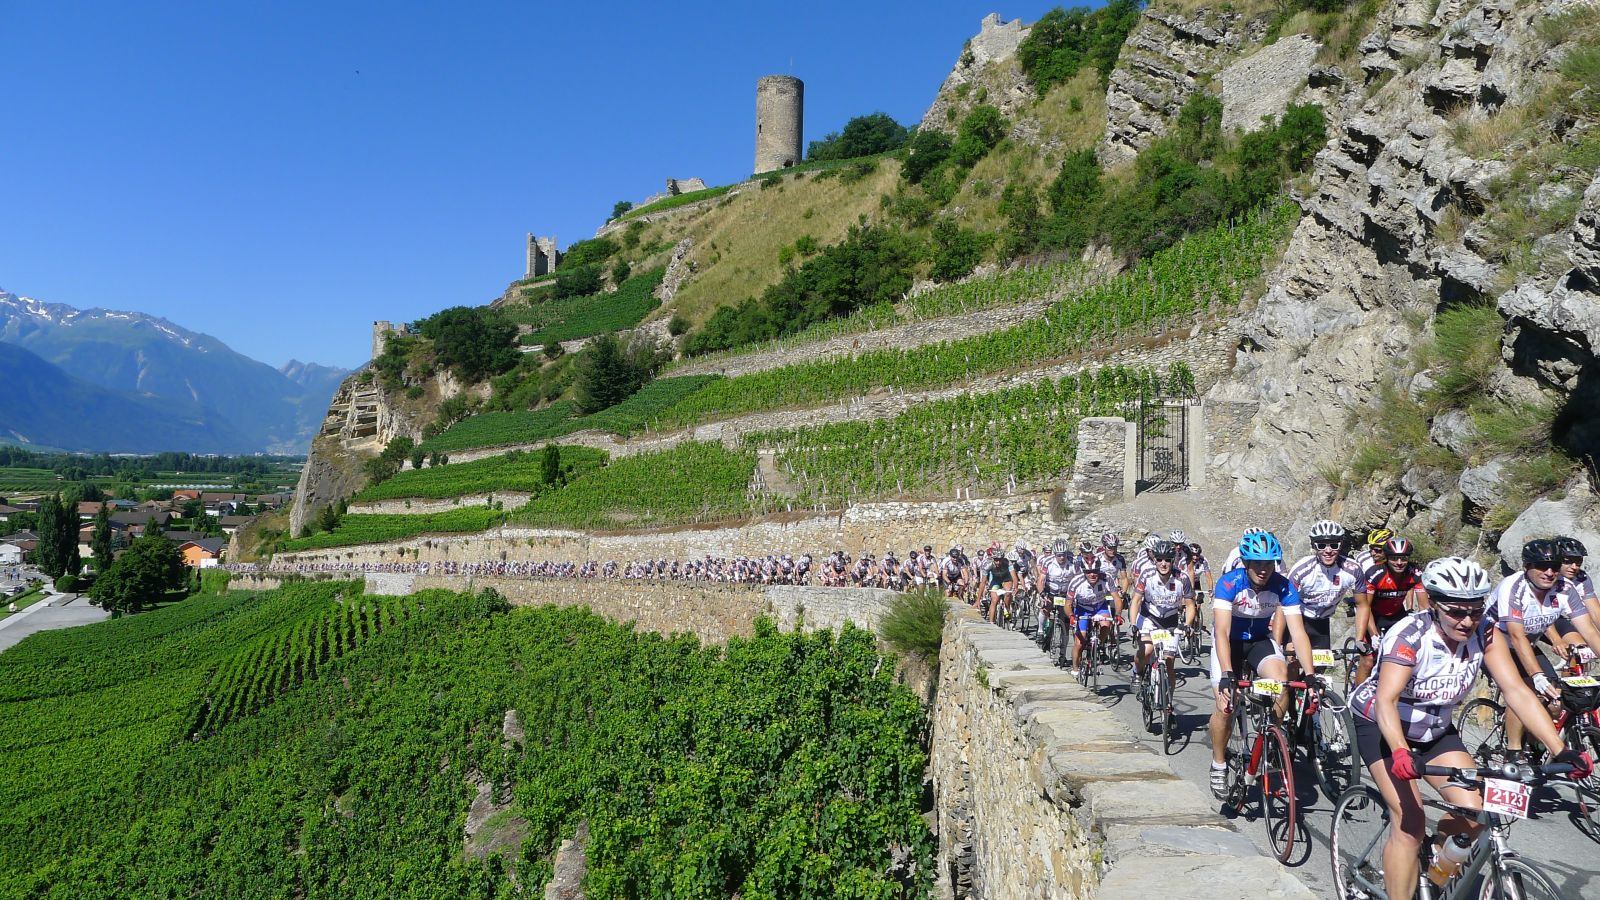 Passage du peloton sous la tour de Saillon lors de l'édition 2013. (Photo Cyclosportive des Vins du Valais)